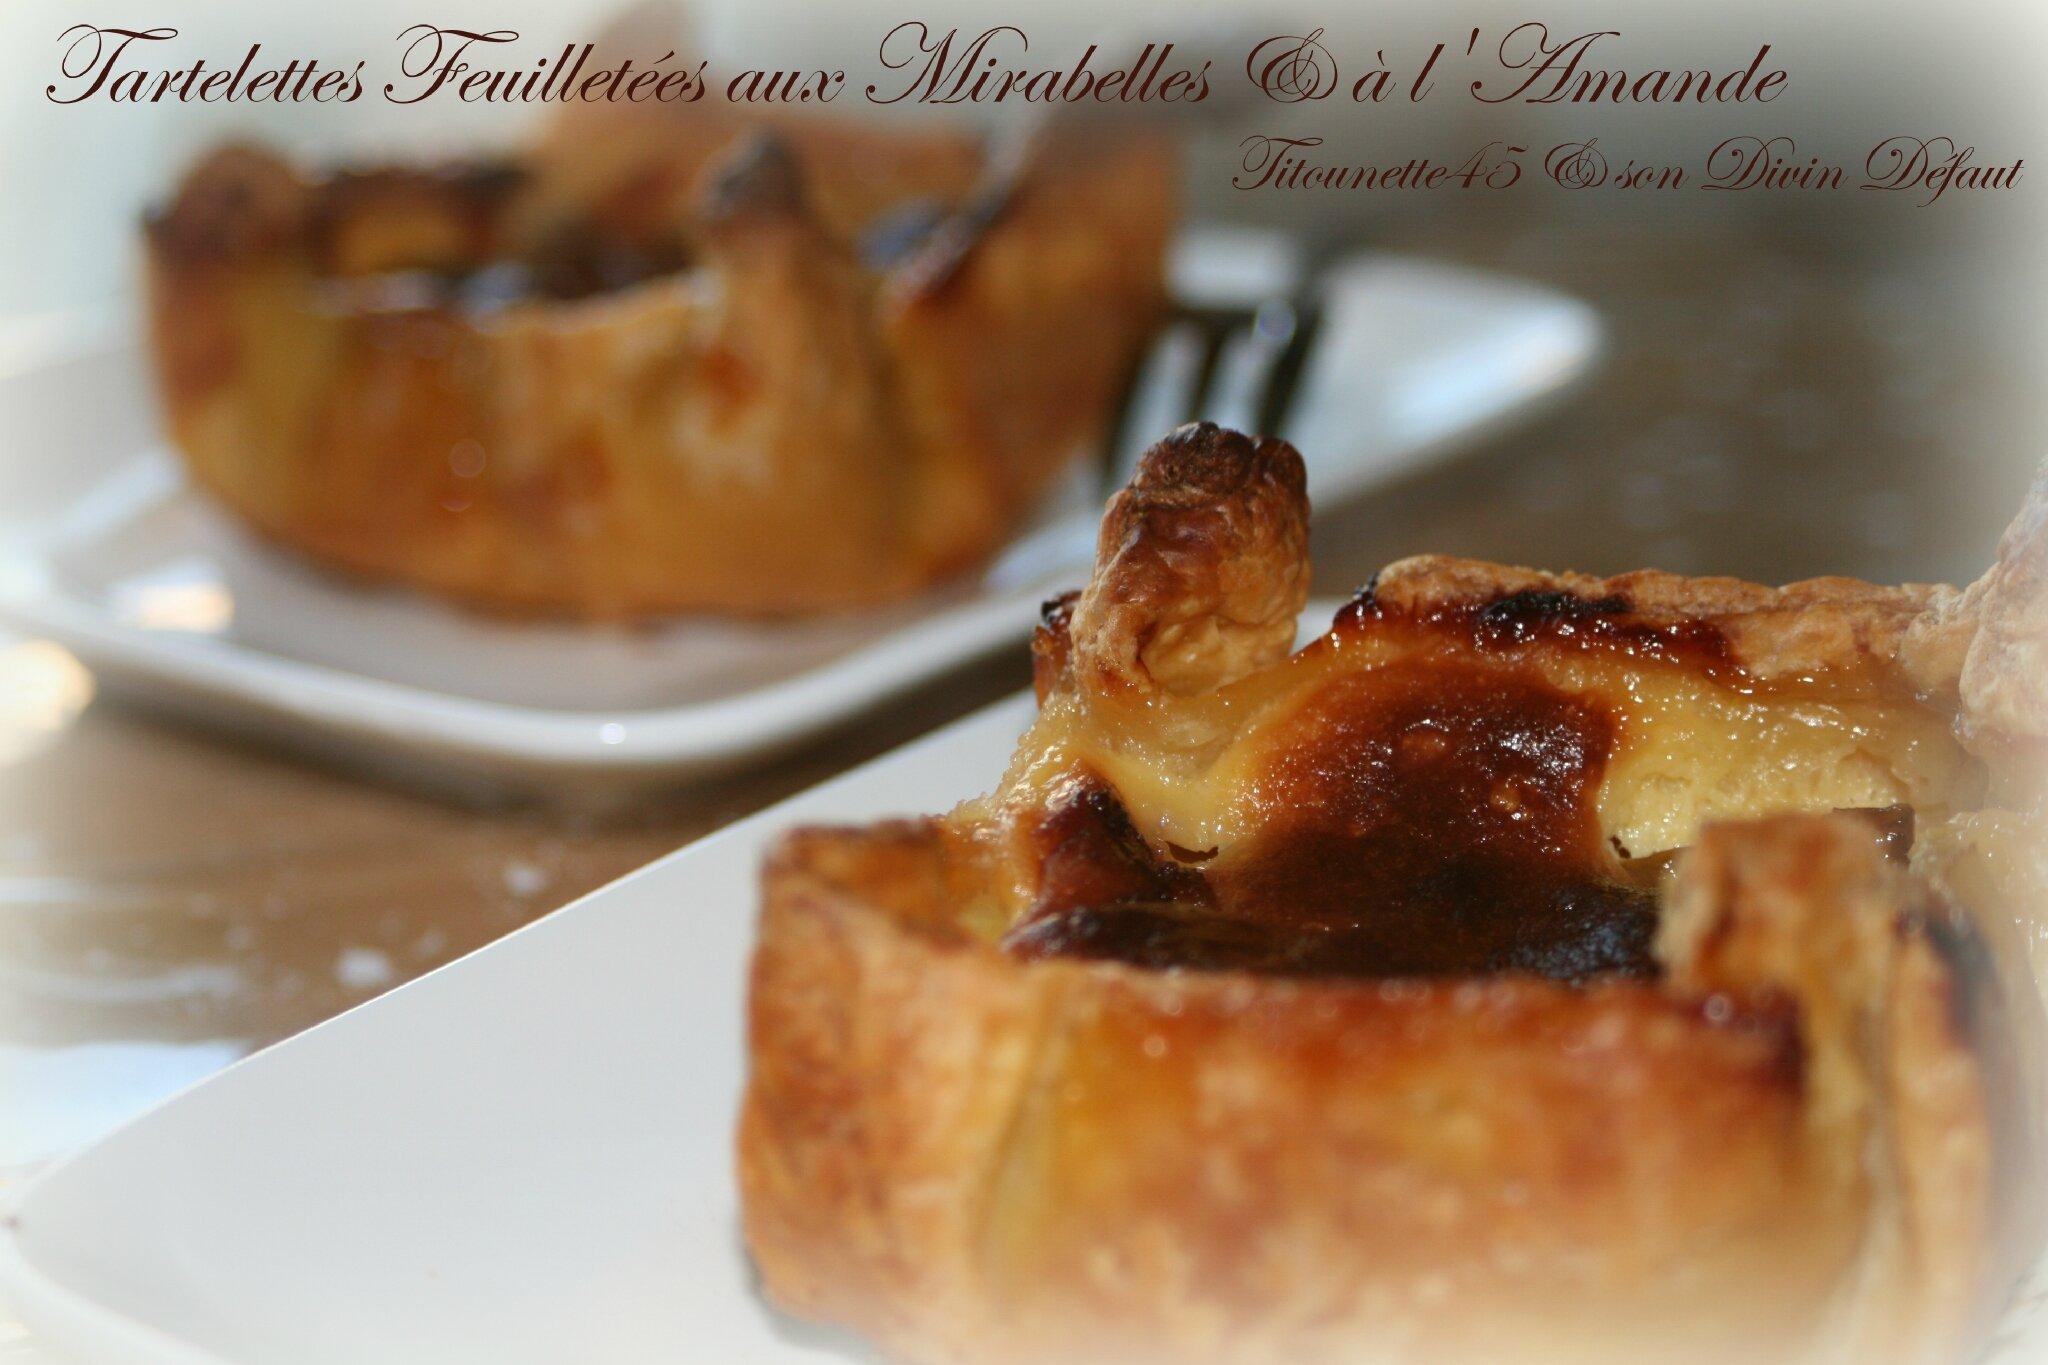 Tartelettes feuilletées aux mirabelles et amandes